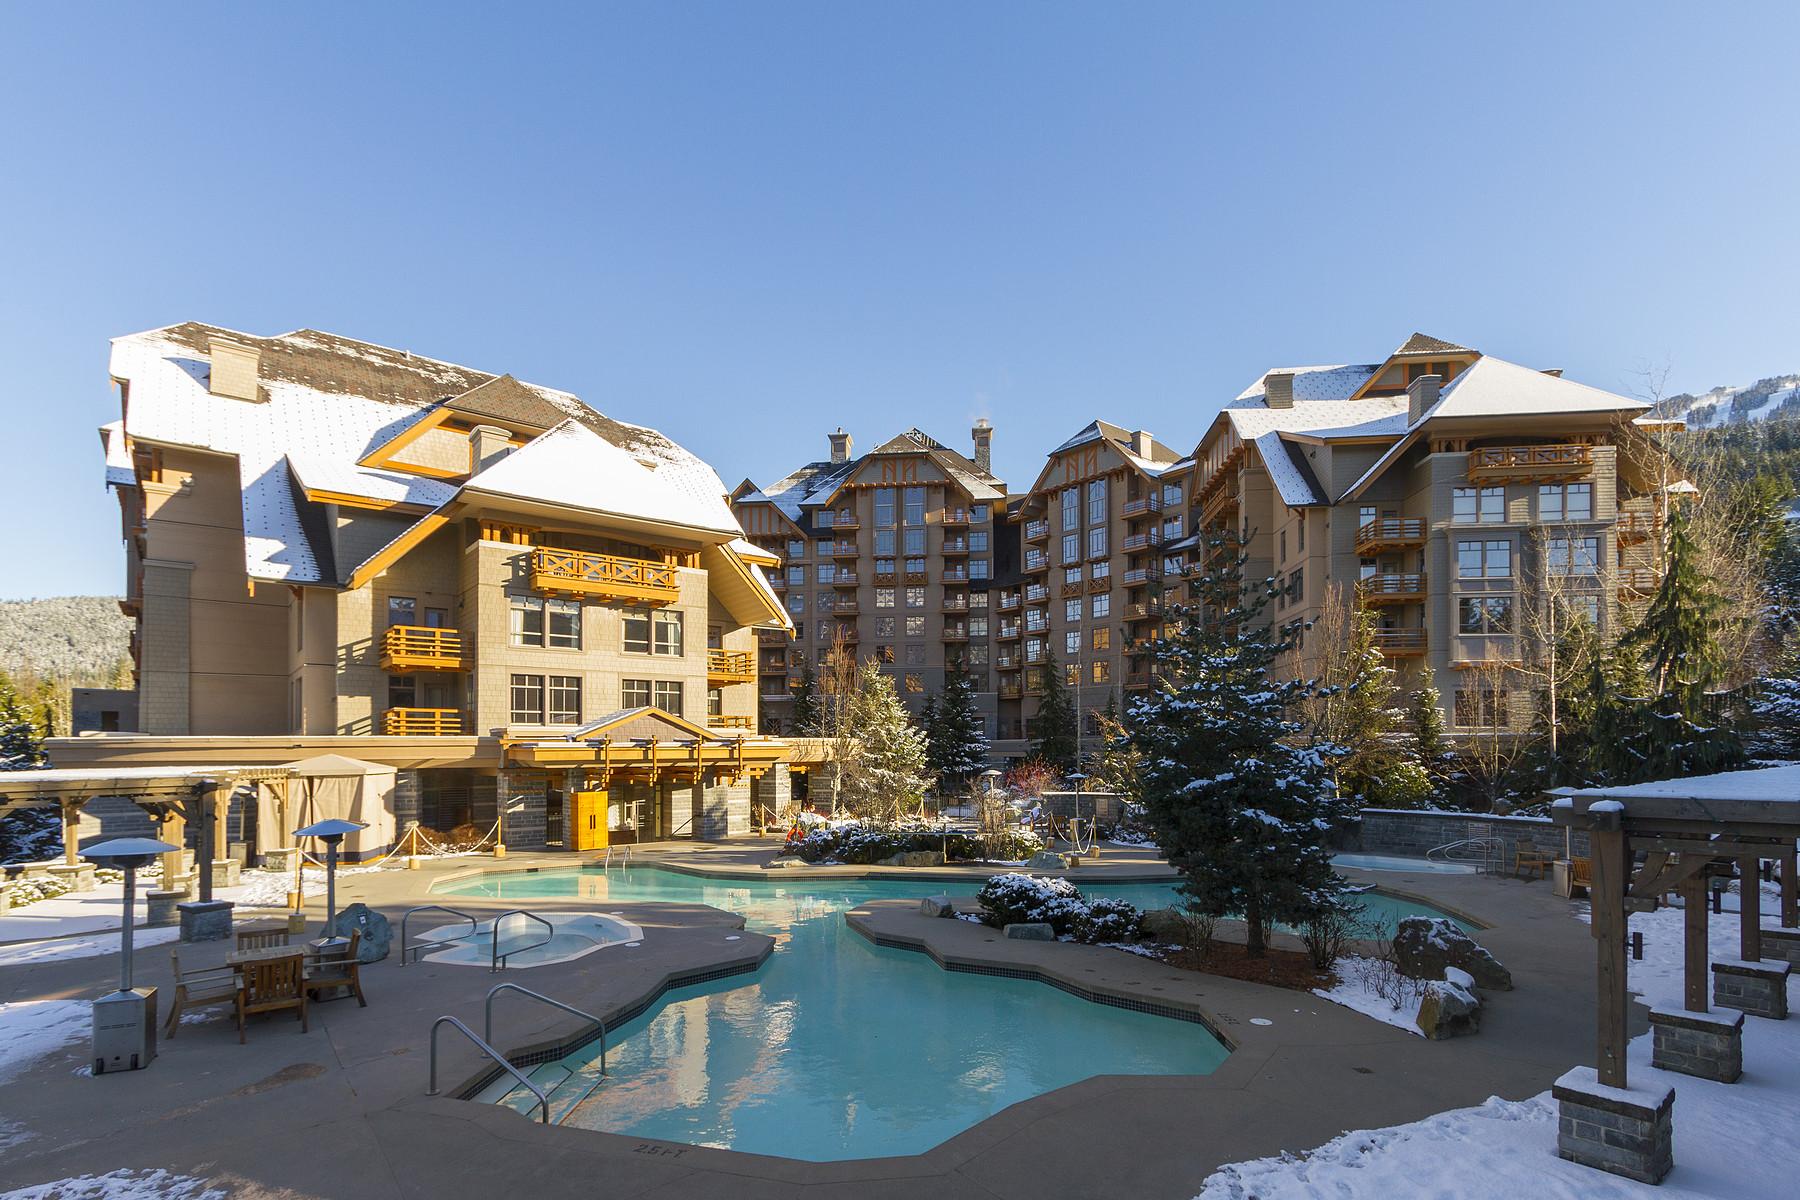 共管式独立产权公寓 为 销售 在 Four Seasons Resort Whistler 255 4591 Blackcomb Way 惠斯勒, 不列颠哥伦比亚省, V0N 1B4 加拿大